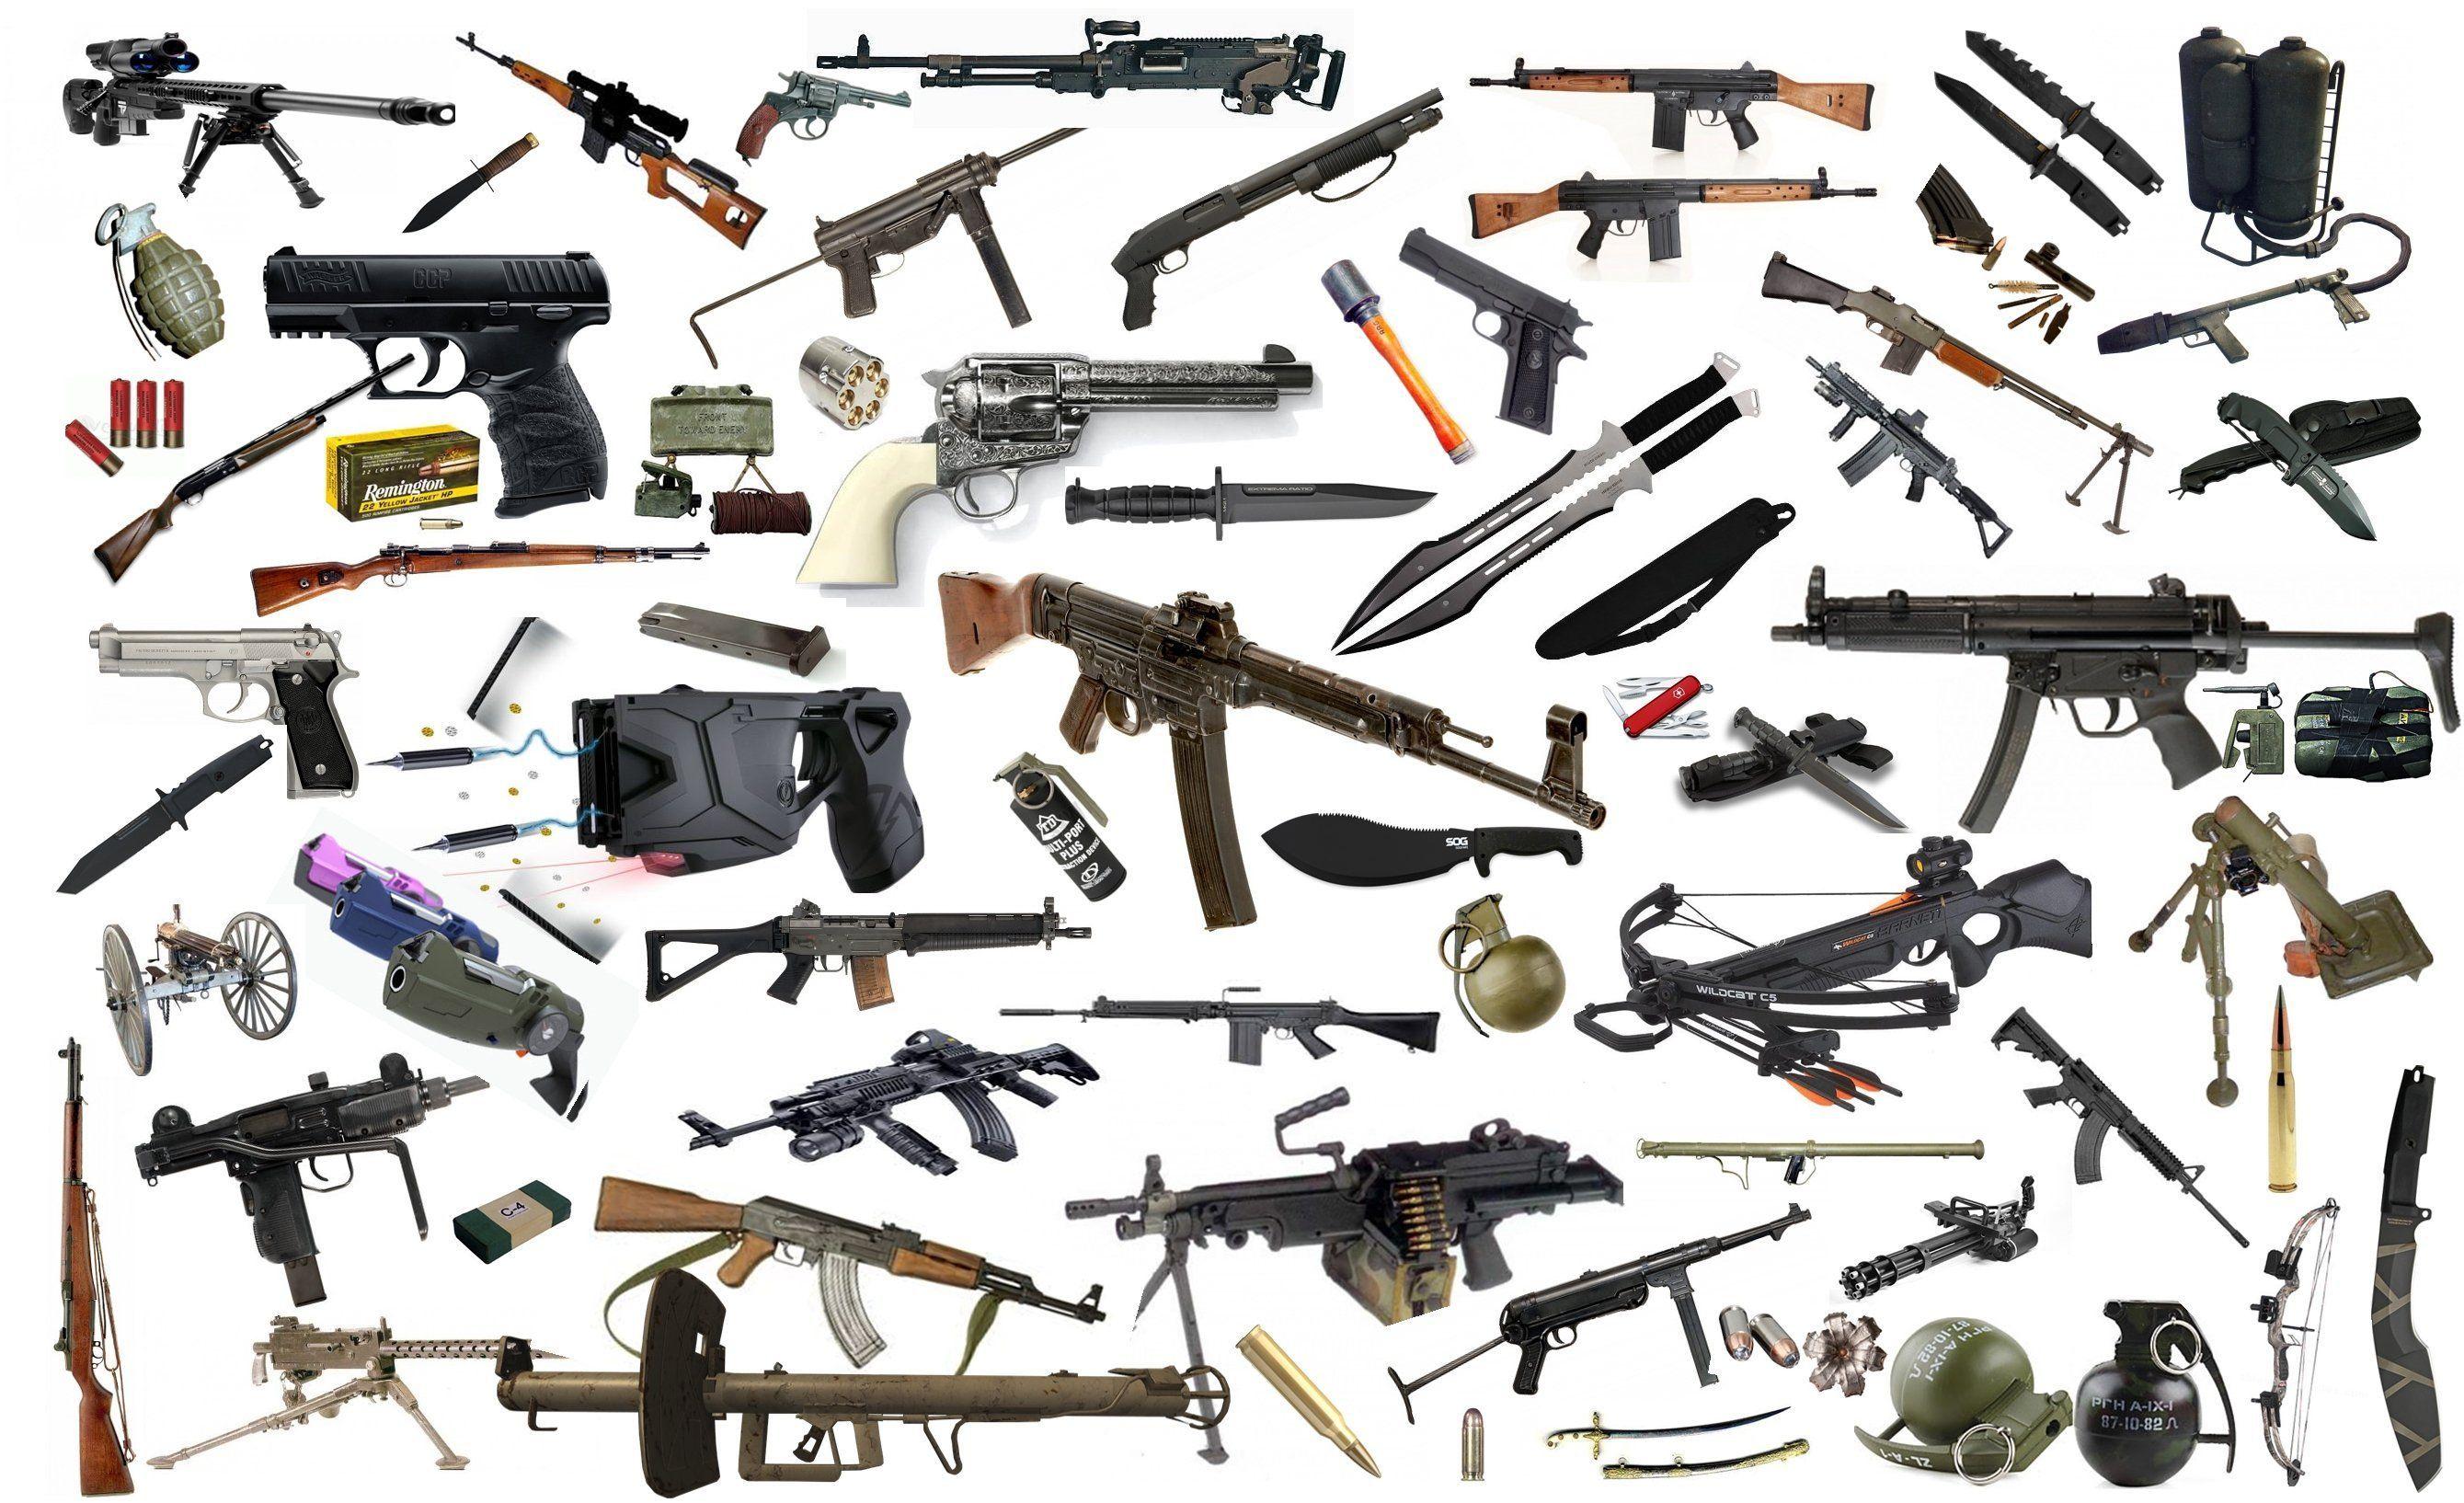 ¿Qué tipo de arma usarías?